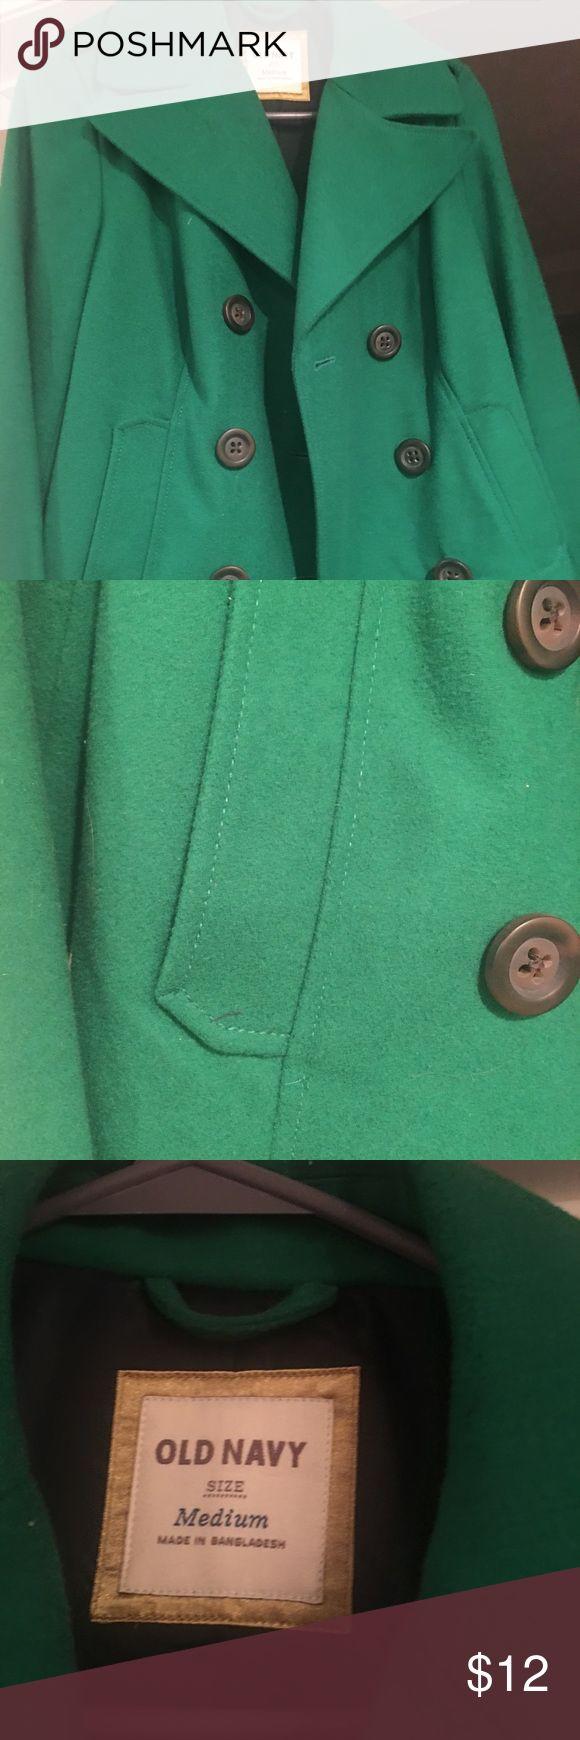 Kelly green Old Navy pea coat! Old Navy kelly green pea coat.  Beautiful color! Old Navy Jackets & Coats Pea Coats